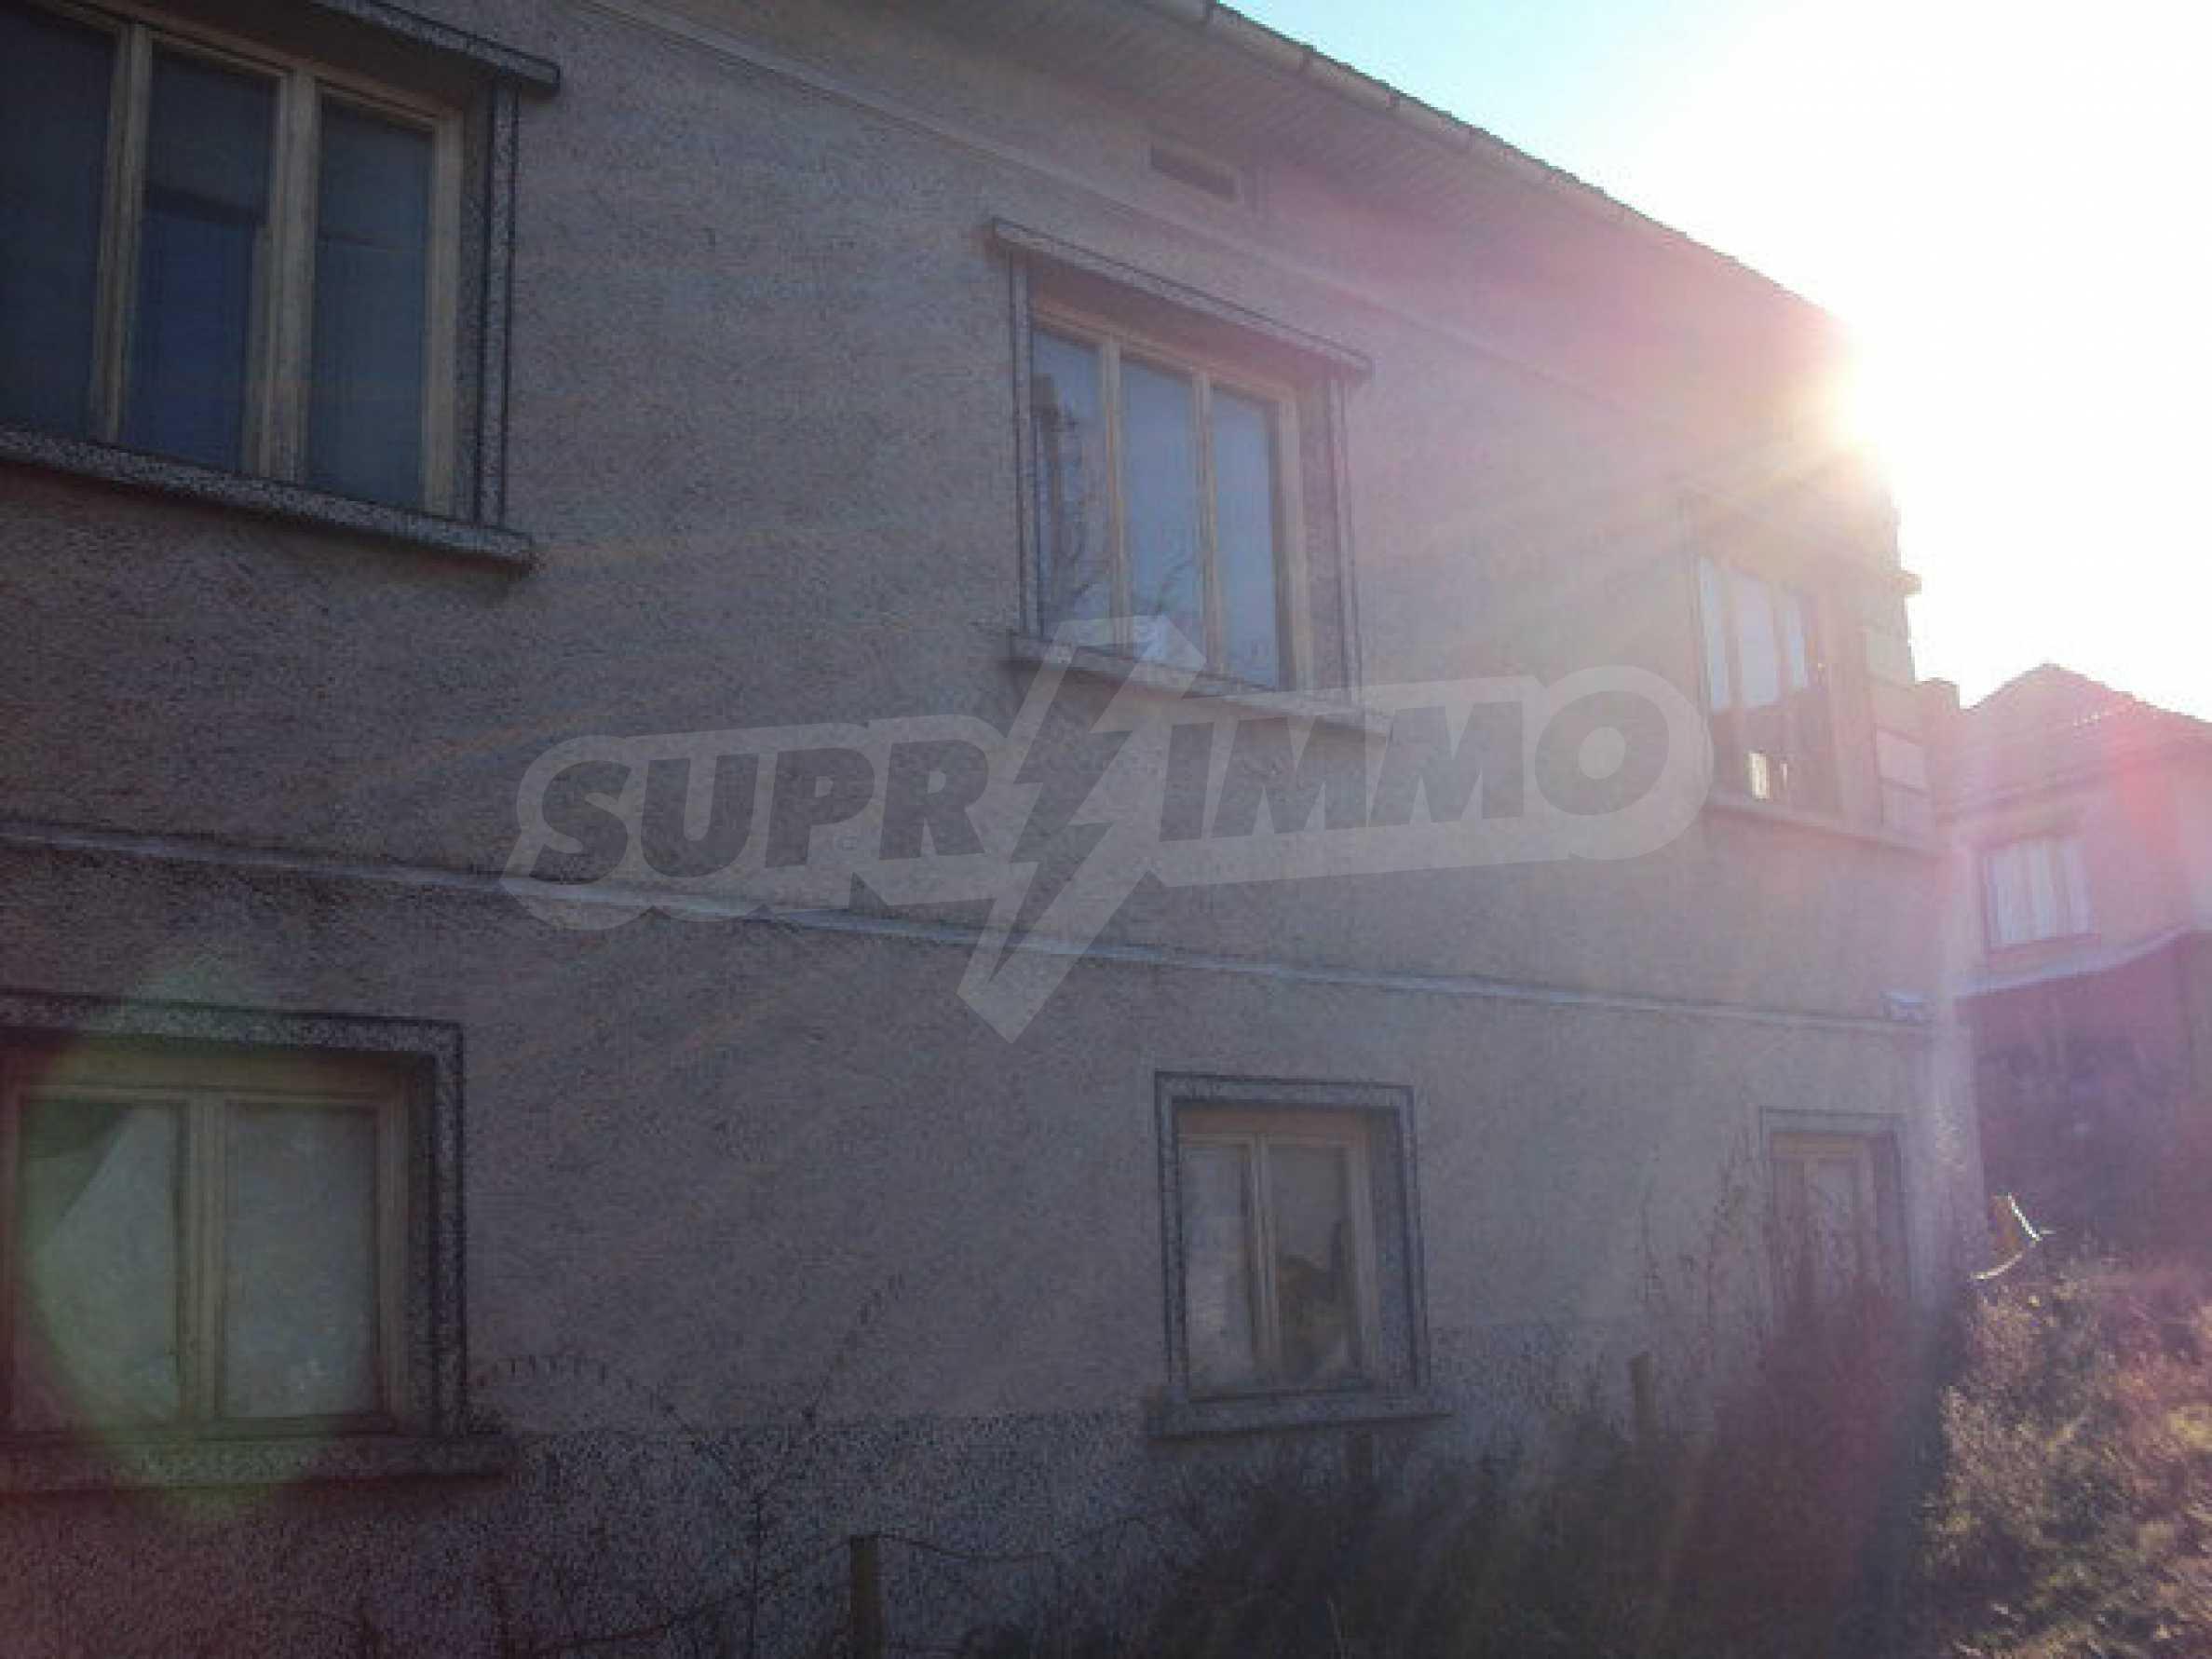 Geräumiges Haus in sehr gutem Zustand in einem Dorf 25 km von der alten Hauptstadt Veliko Tarnovo entfernt 43